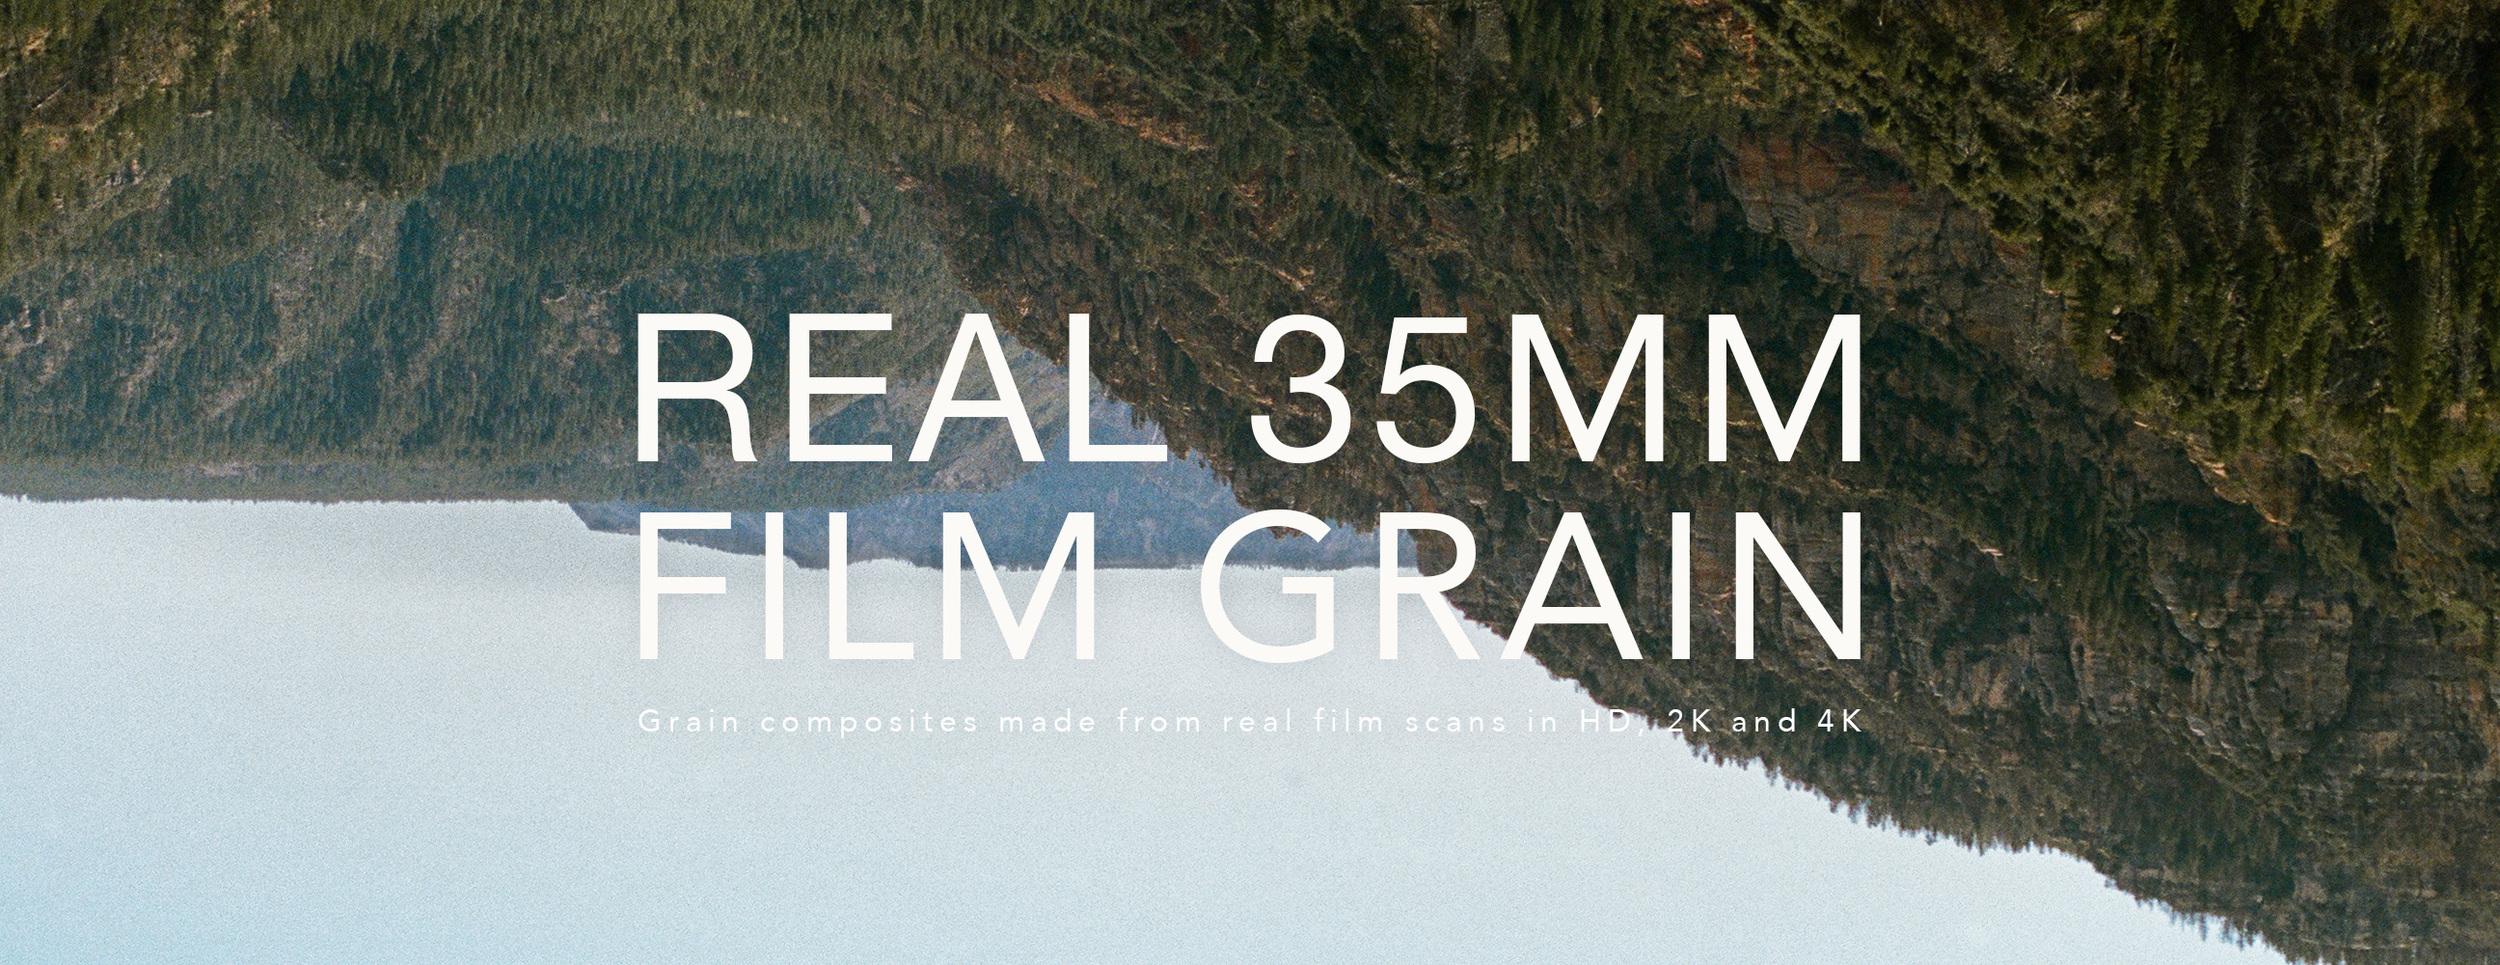 Free real 35mm film grain download.jpg